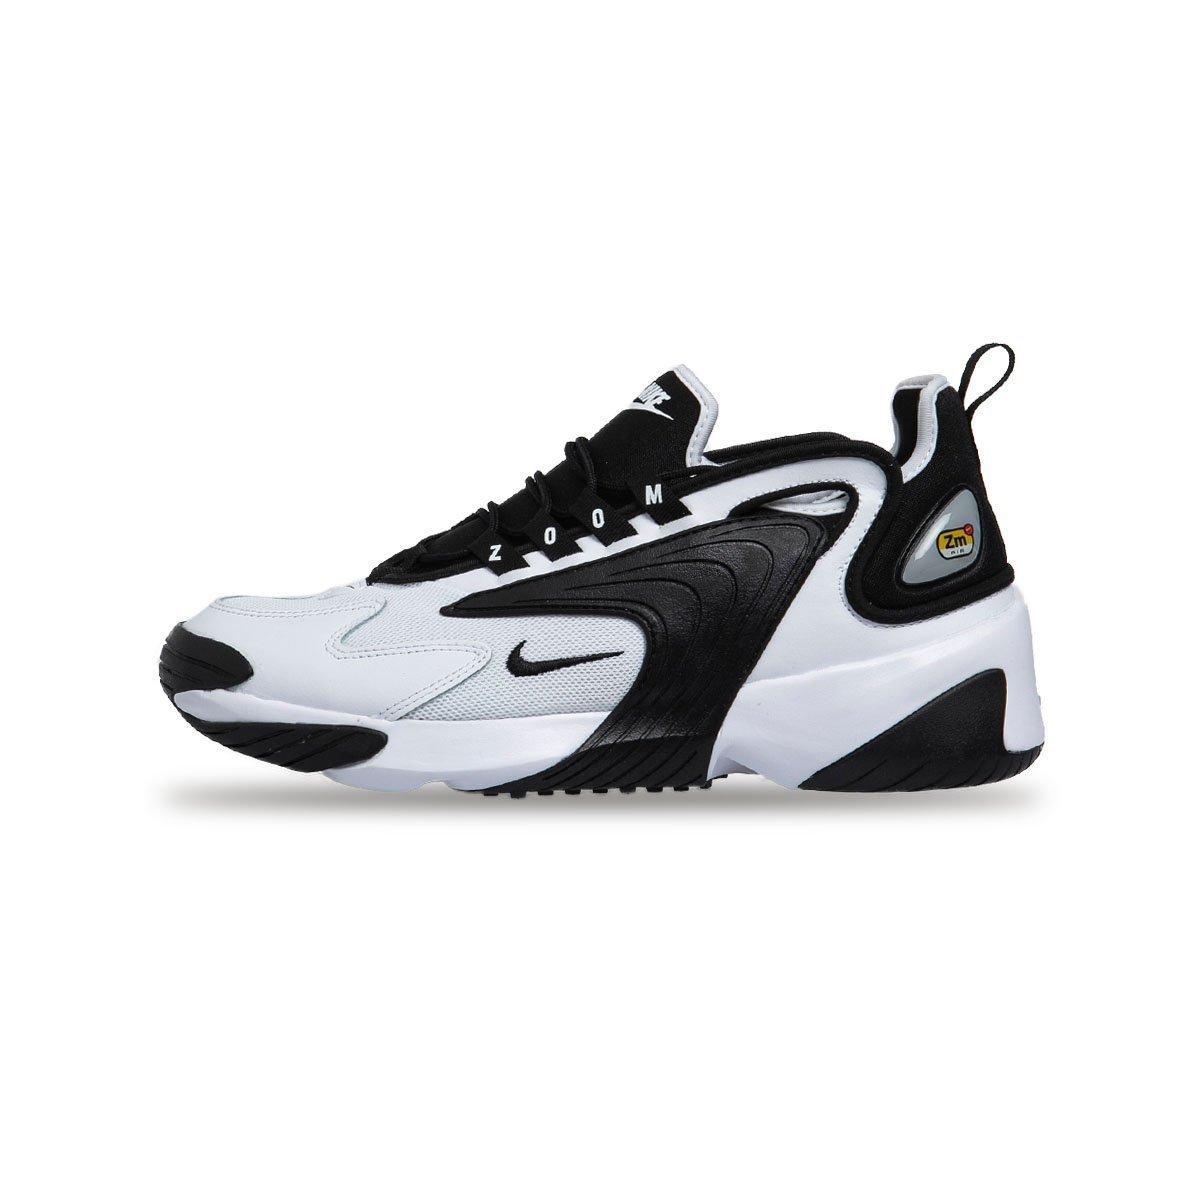 sneakers nike zoom 2k